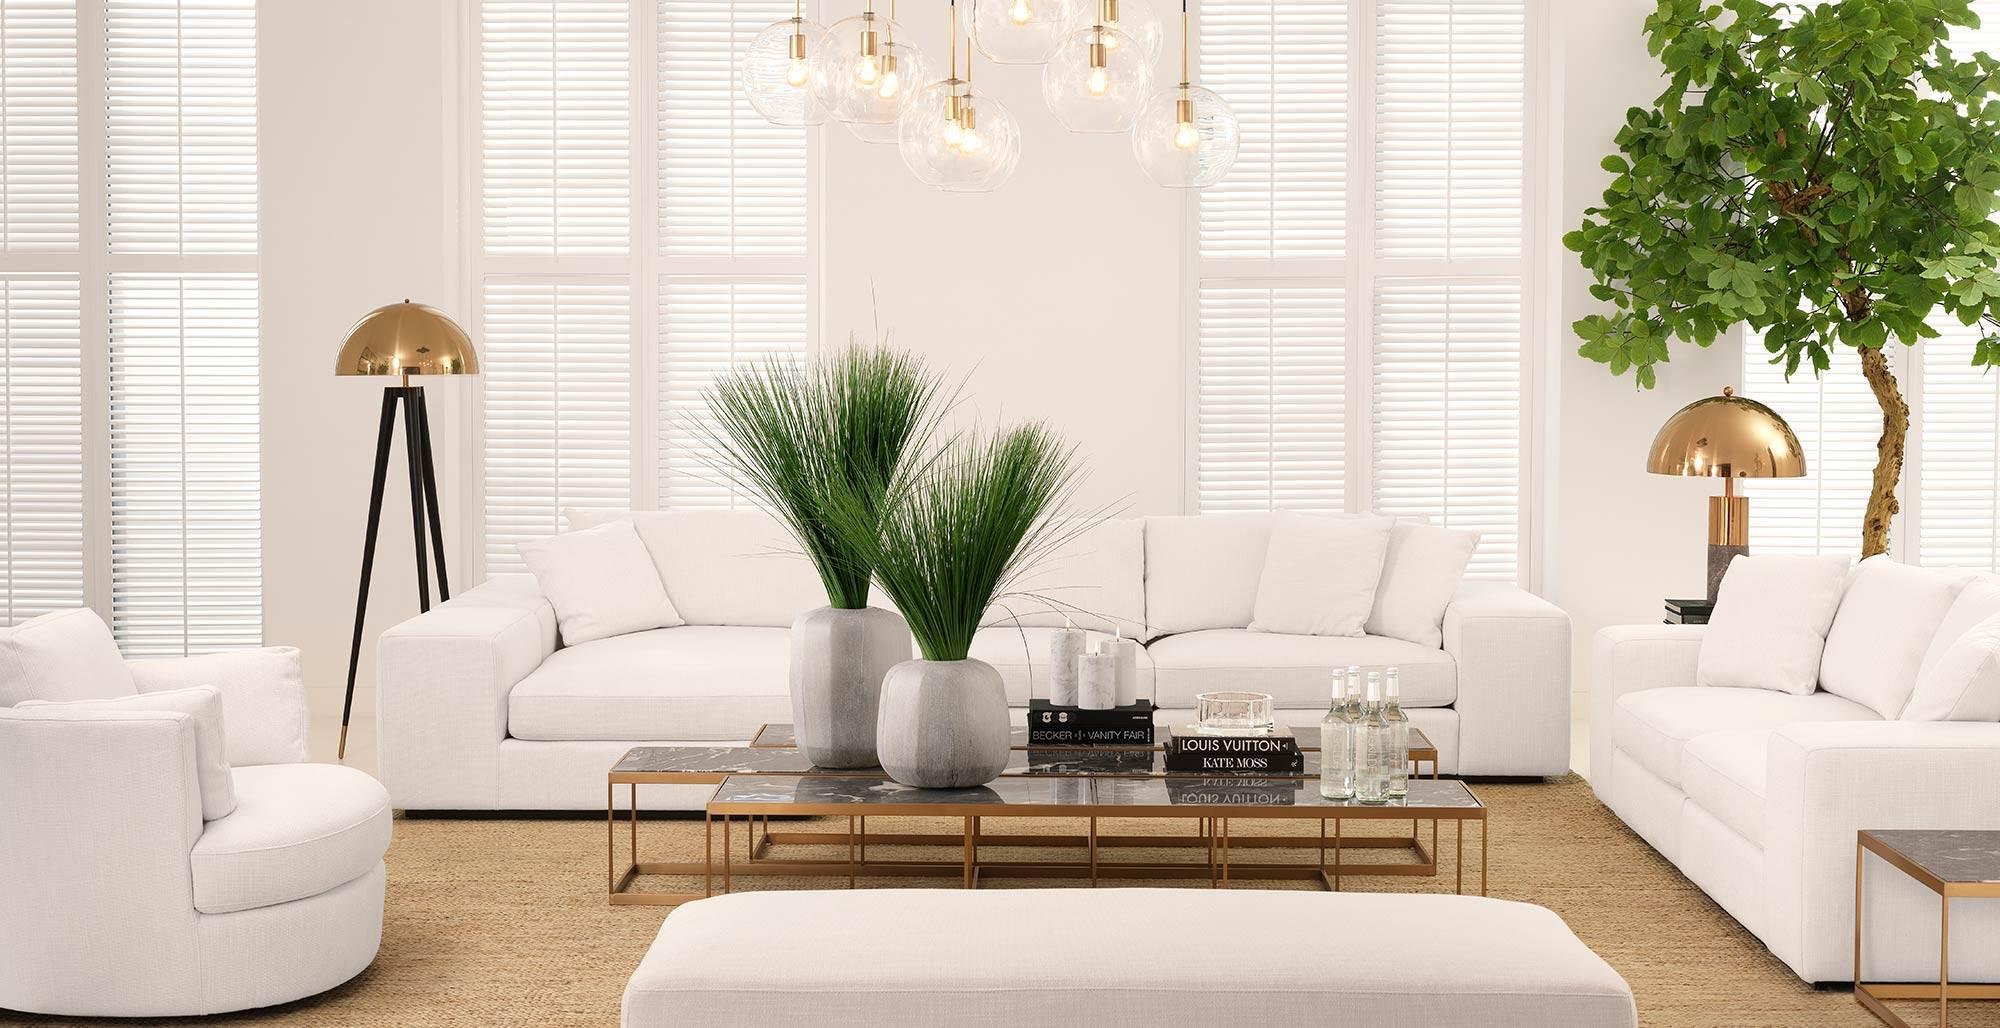 Eichholtz Furniture - Luxury Living Room Scheme - LuxDeco.com